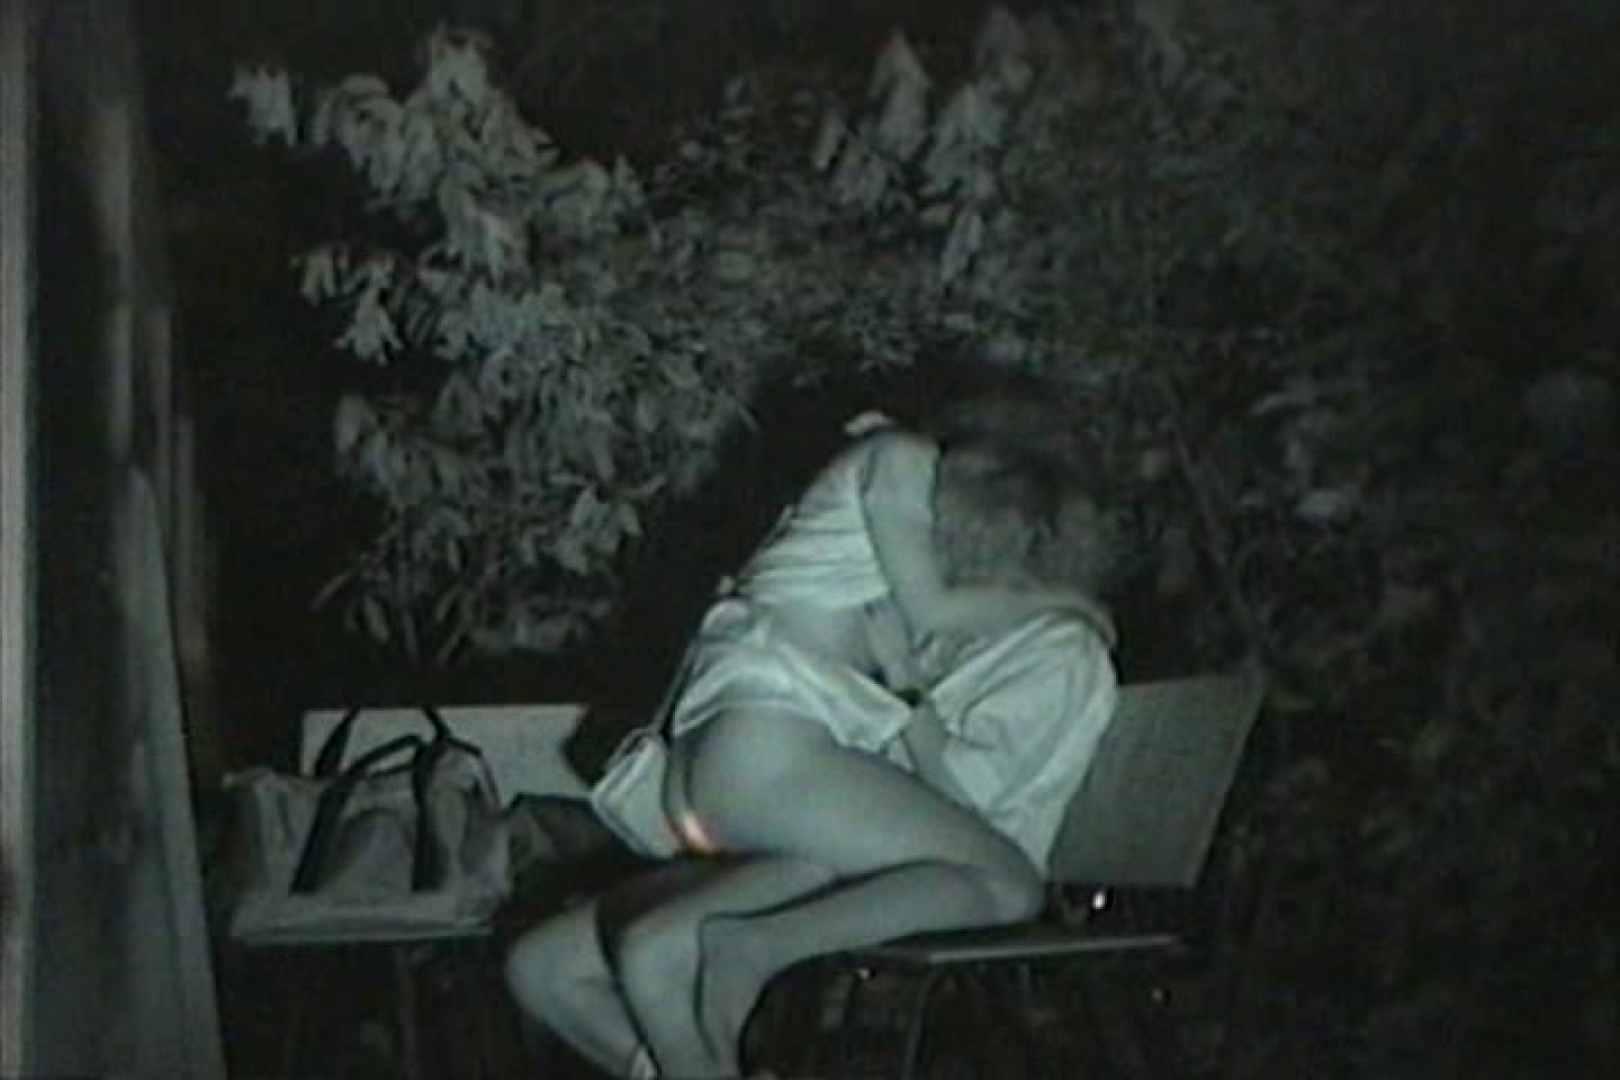 闇の仕掛け人 無修正版 Vol.24 美しいOLの裸体 | セックス  101pic 66